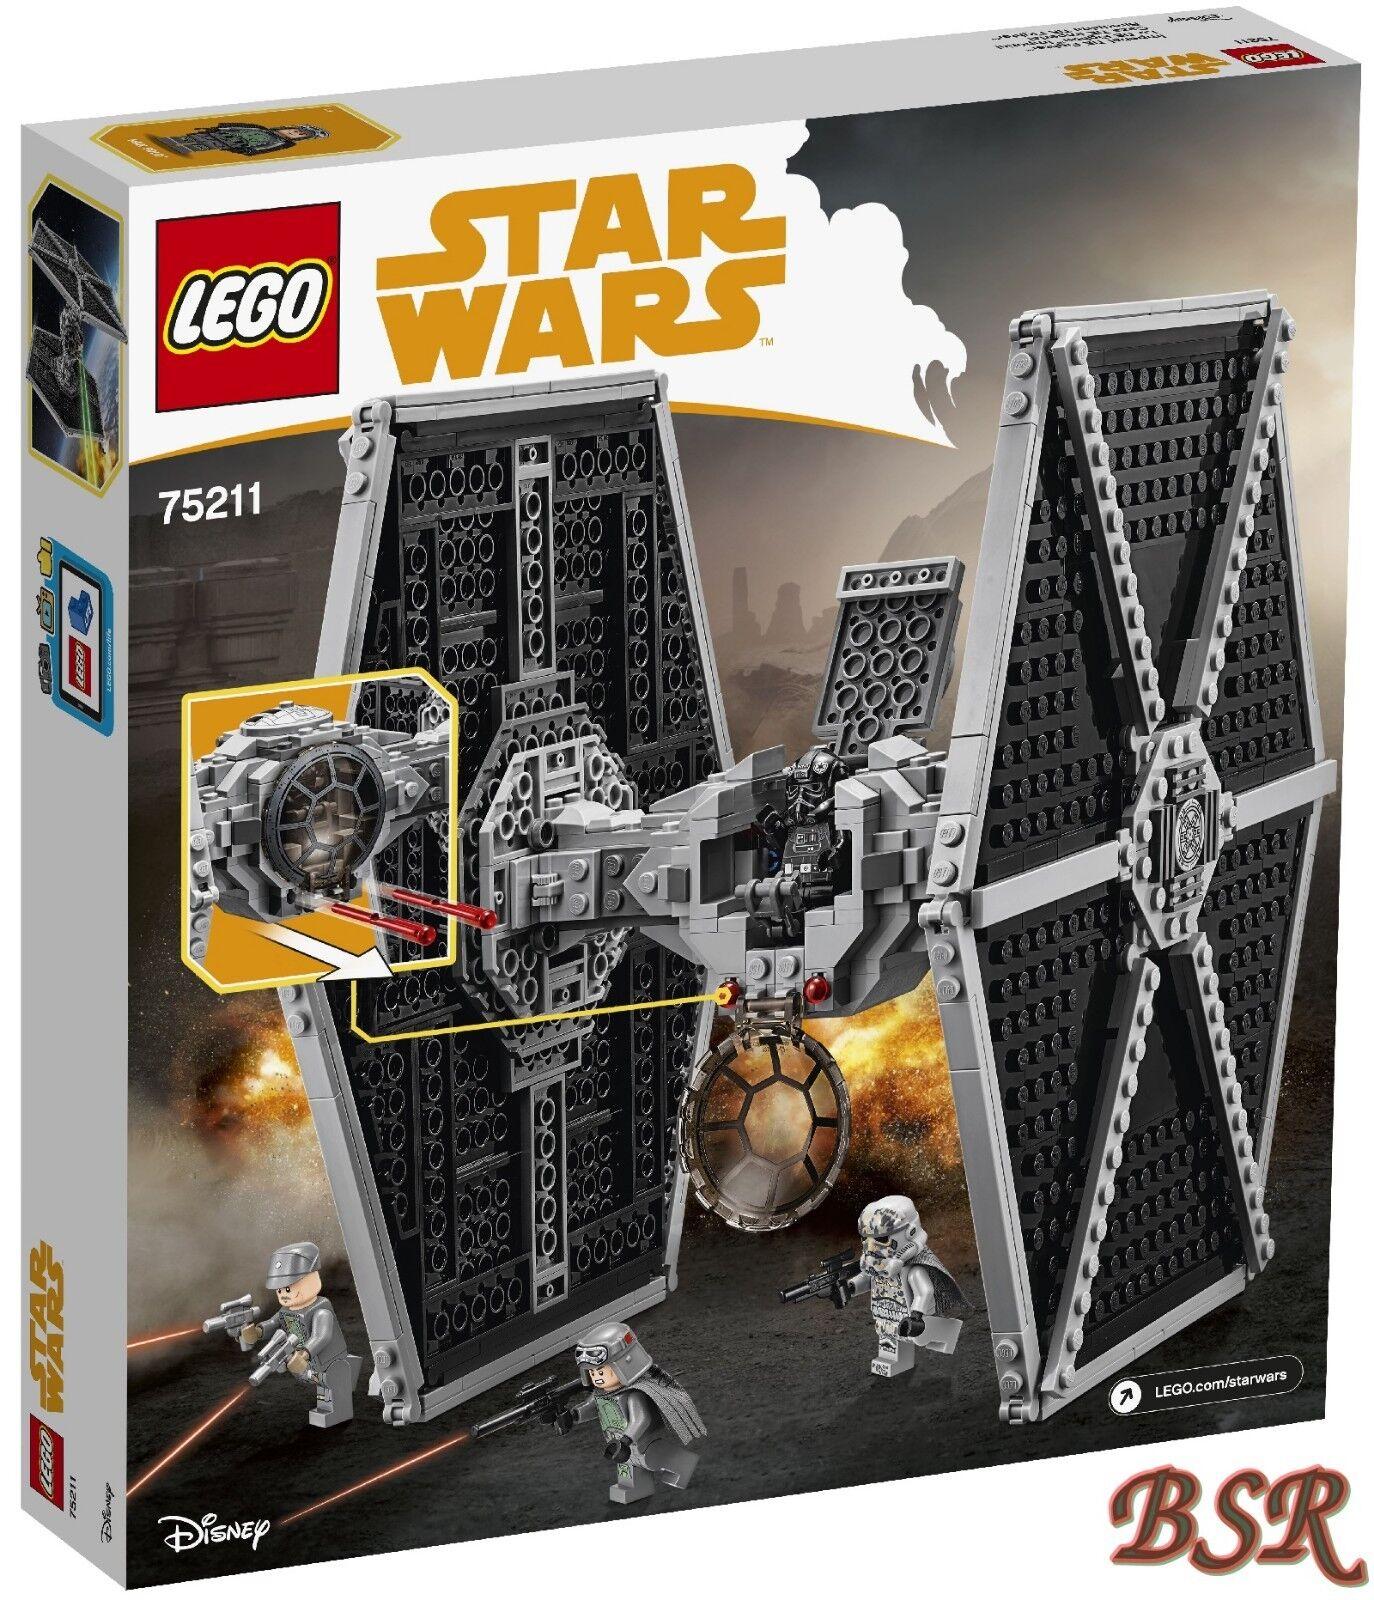 LEGO ® Star Wars Wars Wars ™: 75211 Imperial TIE Fighter ™ & 0. -€ expédition & NOUVEAU & NEUF dans sa boîte! 027d5c